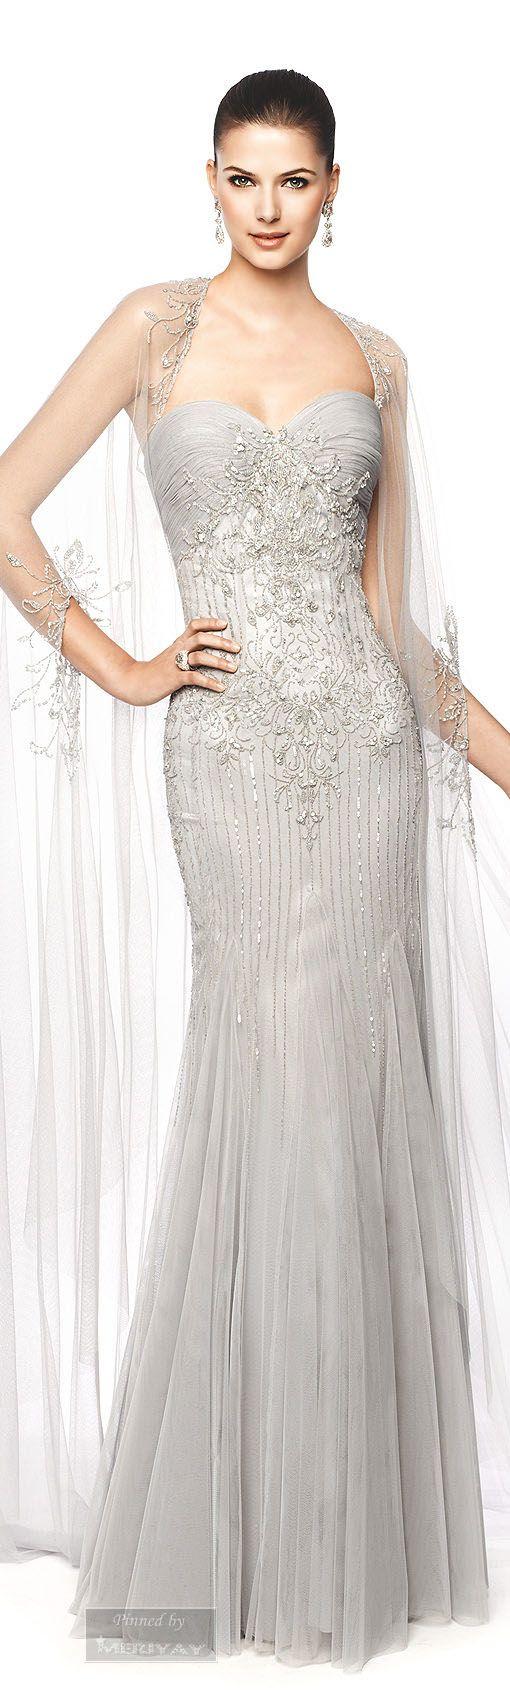 Abiti da sposa per il 2015 - Wedding Dress #Bride #Bridal #Inspiration